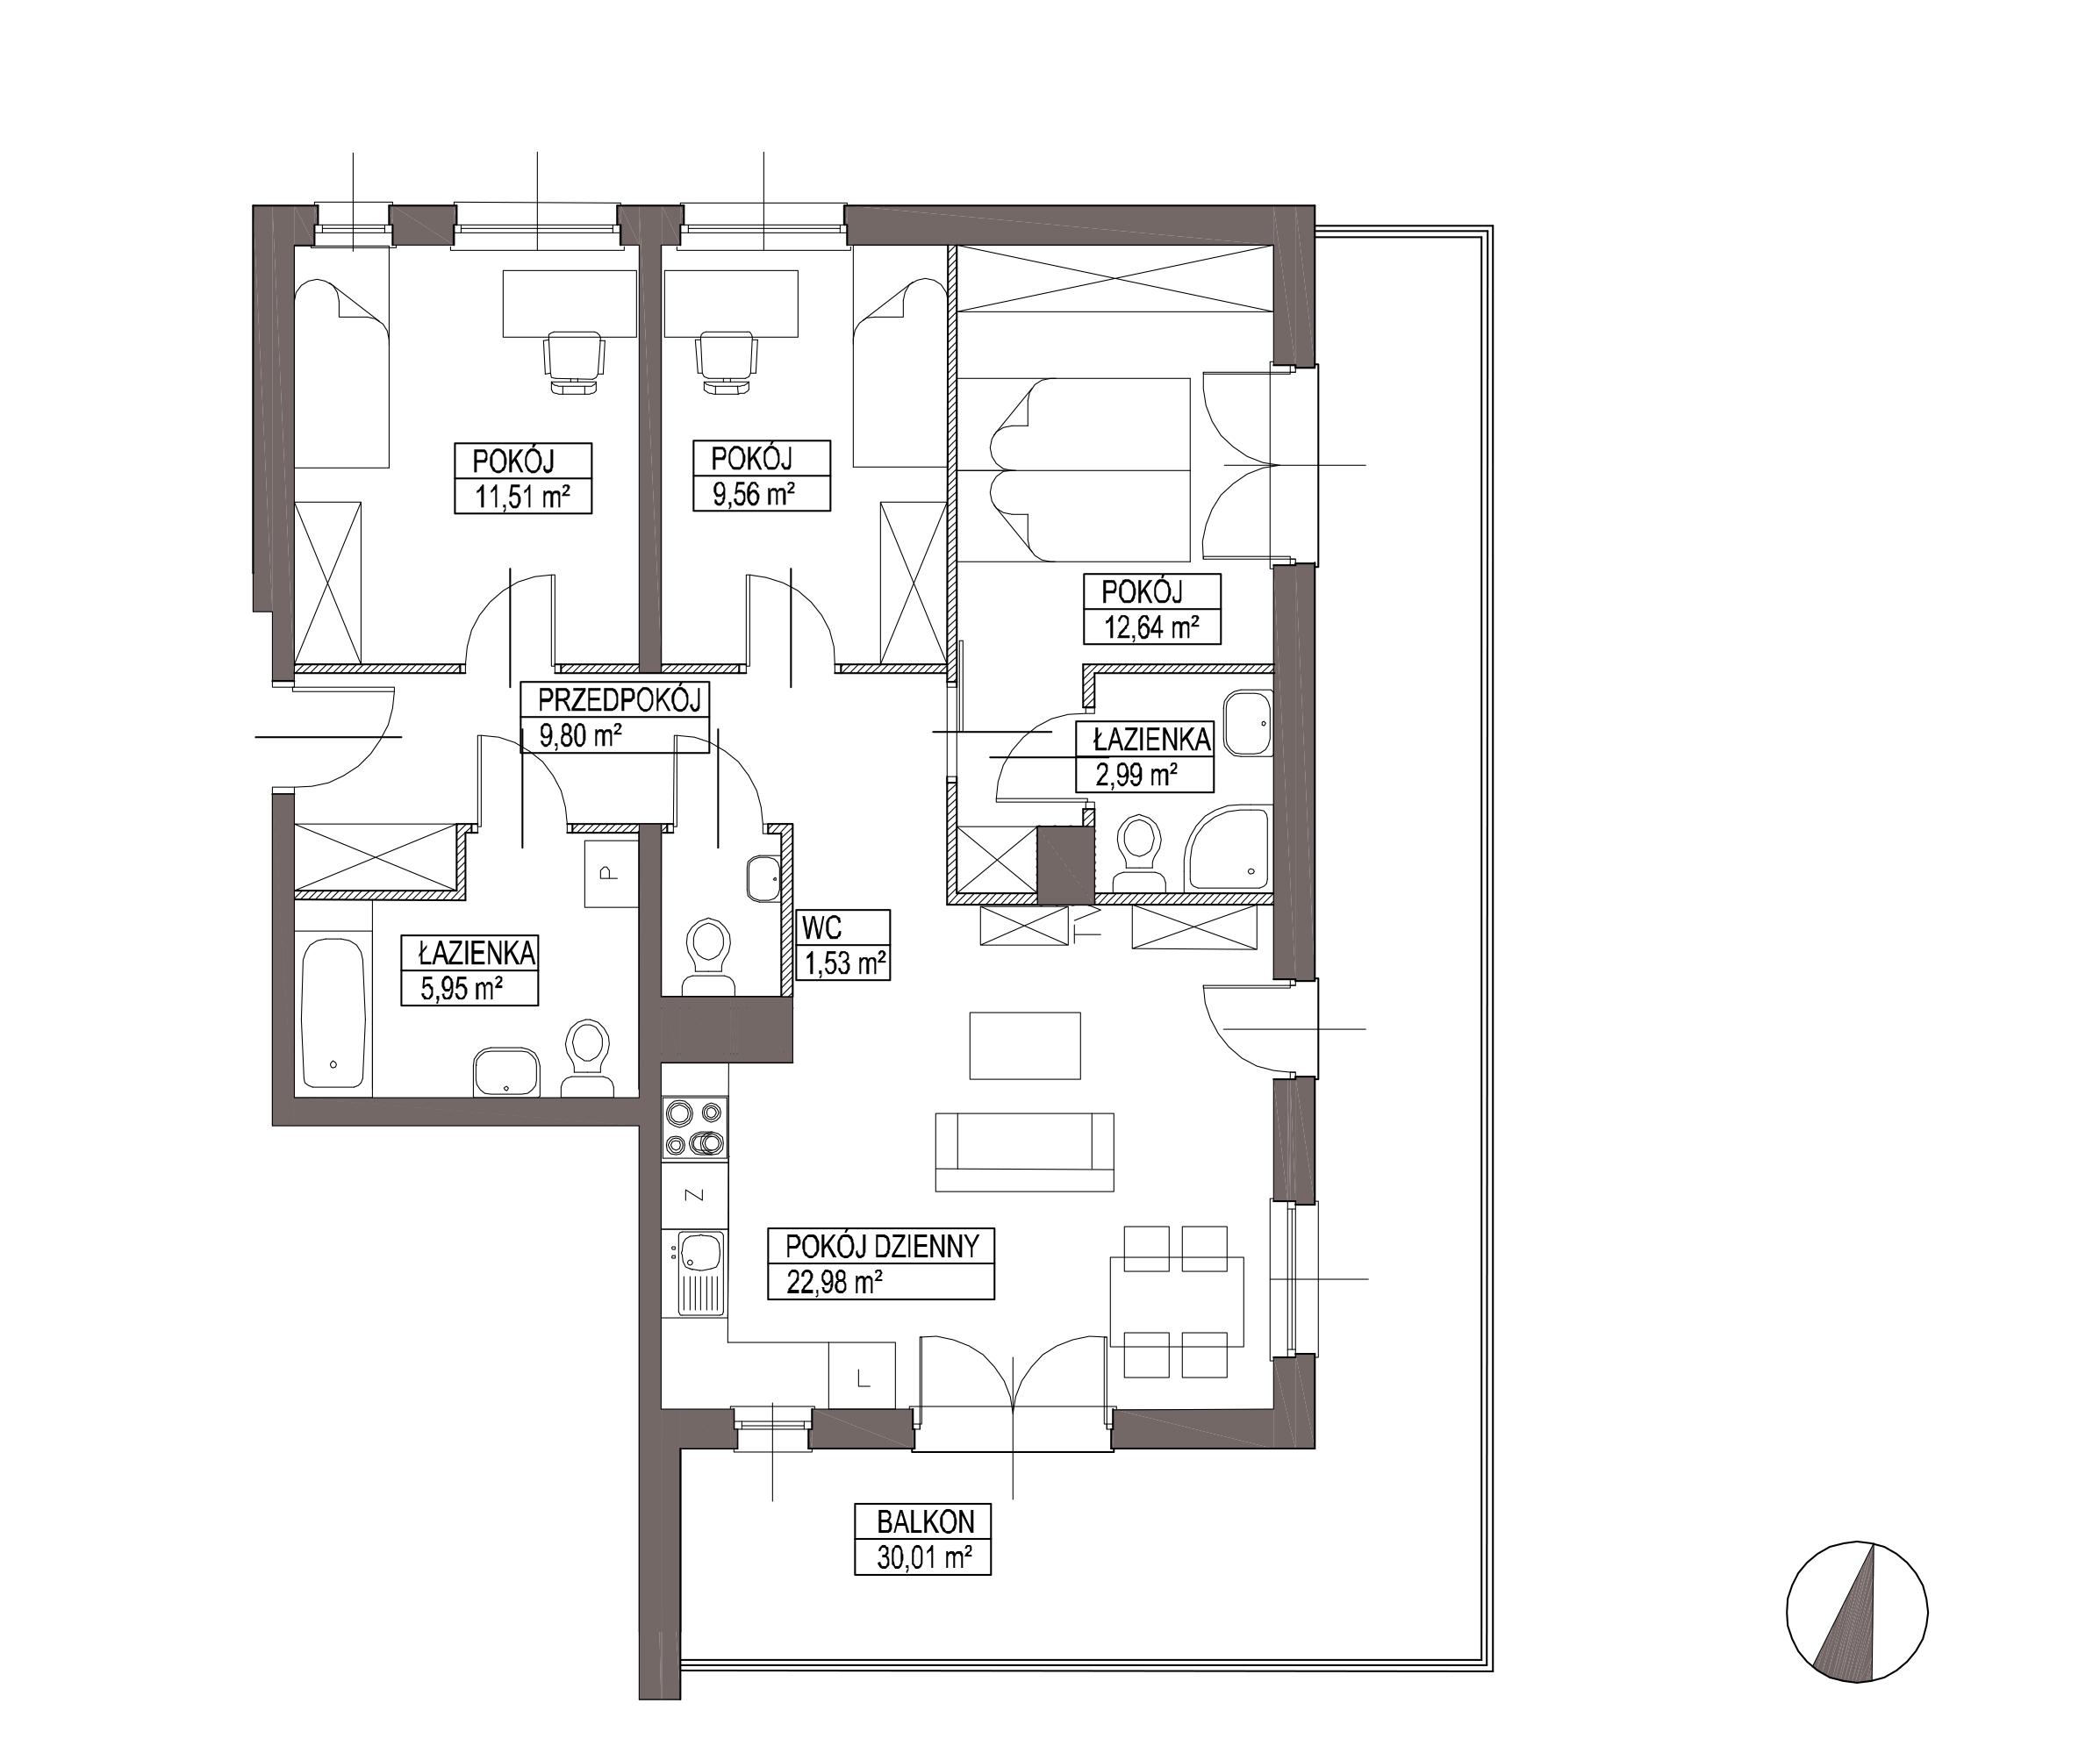 Kameralna Olszówka / budynek 1 / mieszkanie KO/A/2/1 rzut 1